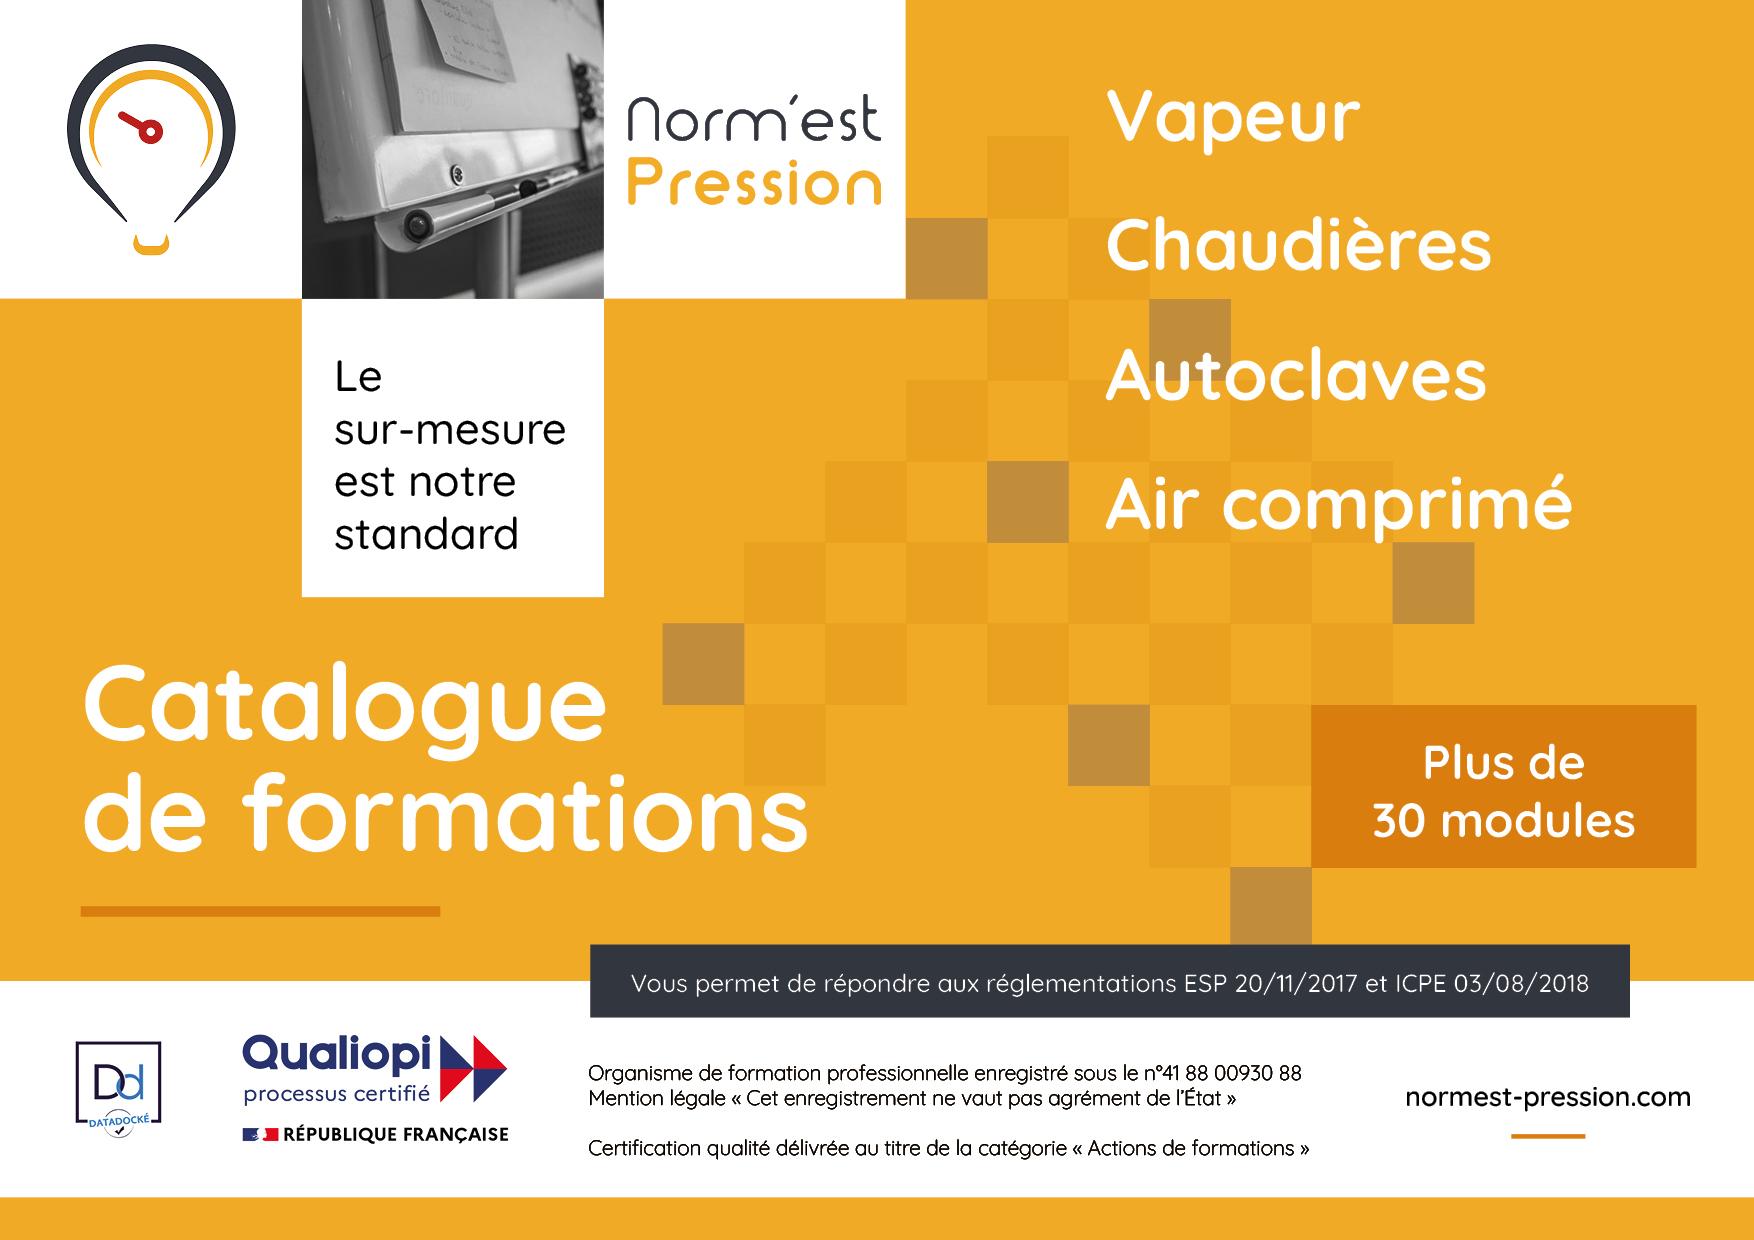 Formation Vapeur Chaudières Autoclaves